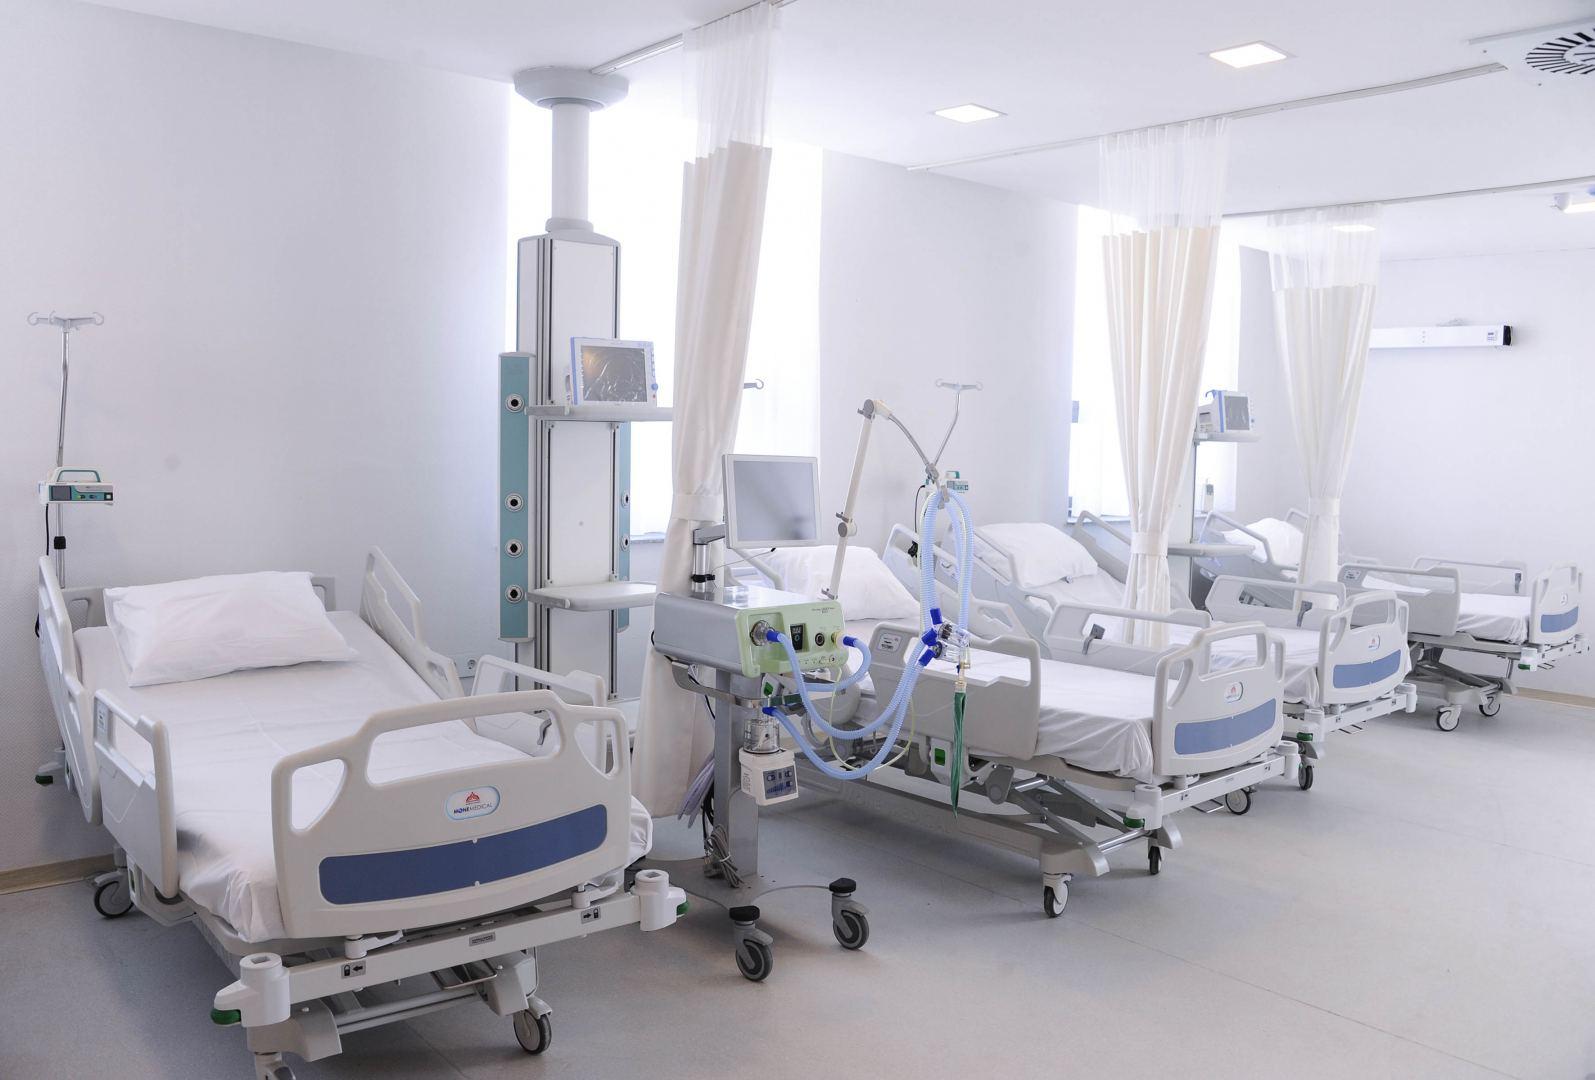 В Баку открылся новый крупный медцентр